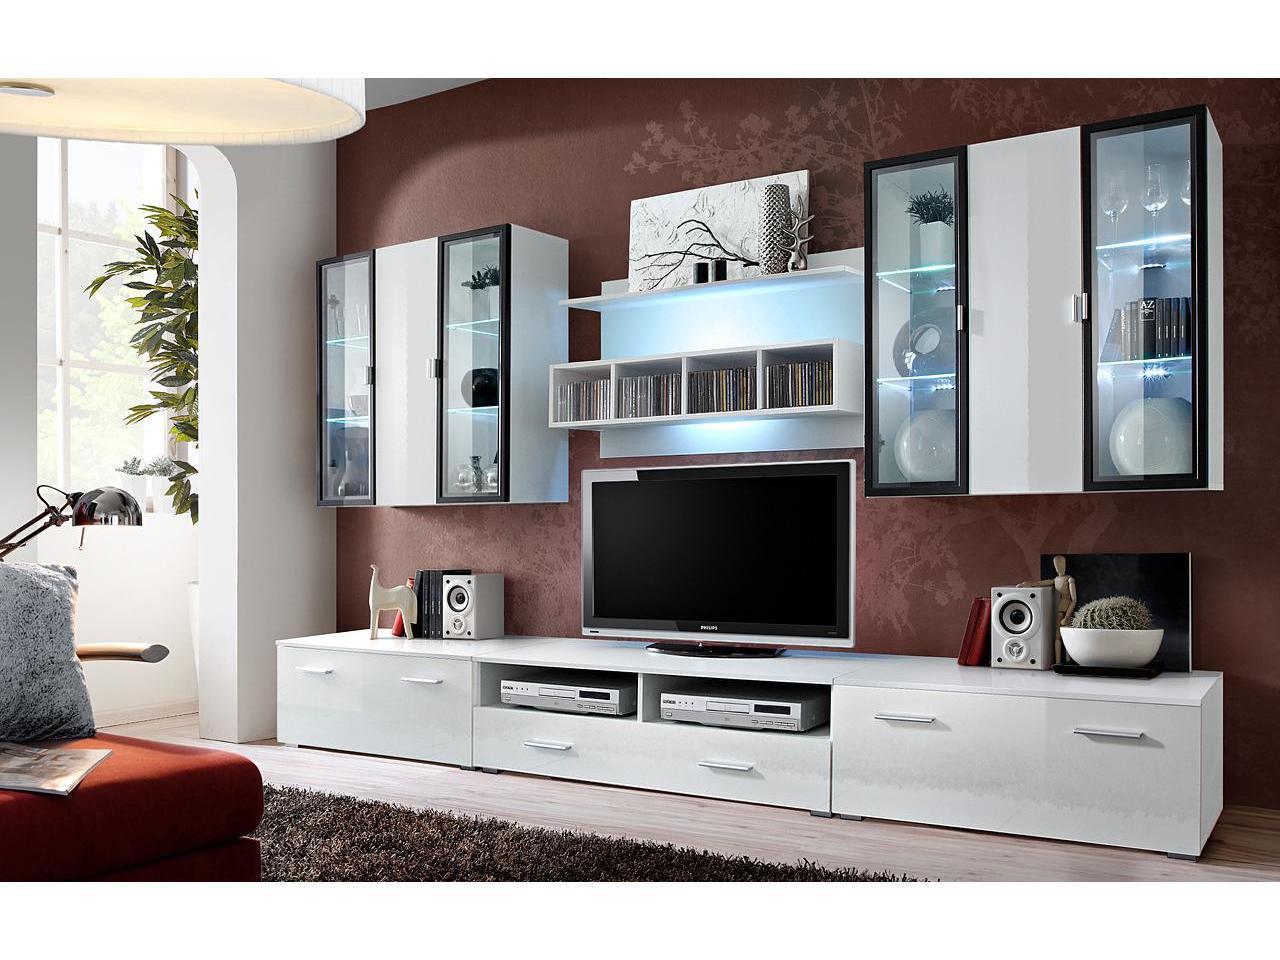 Furnipol - Польская мебельные стенки с доставкой до дверей! - 5